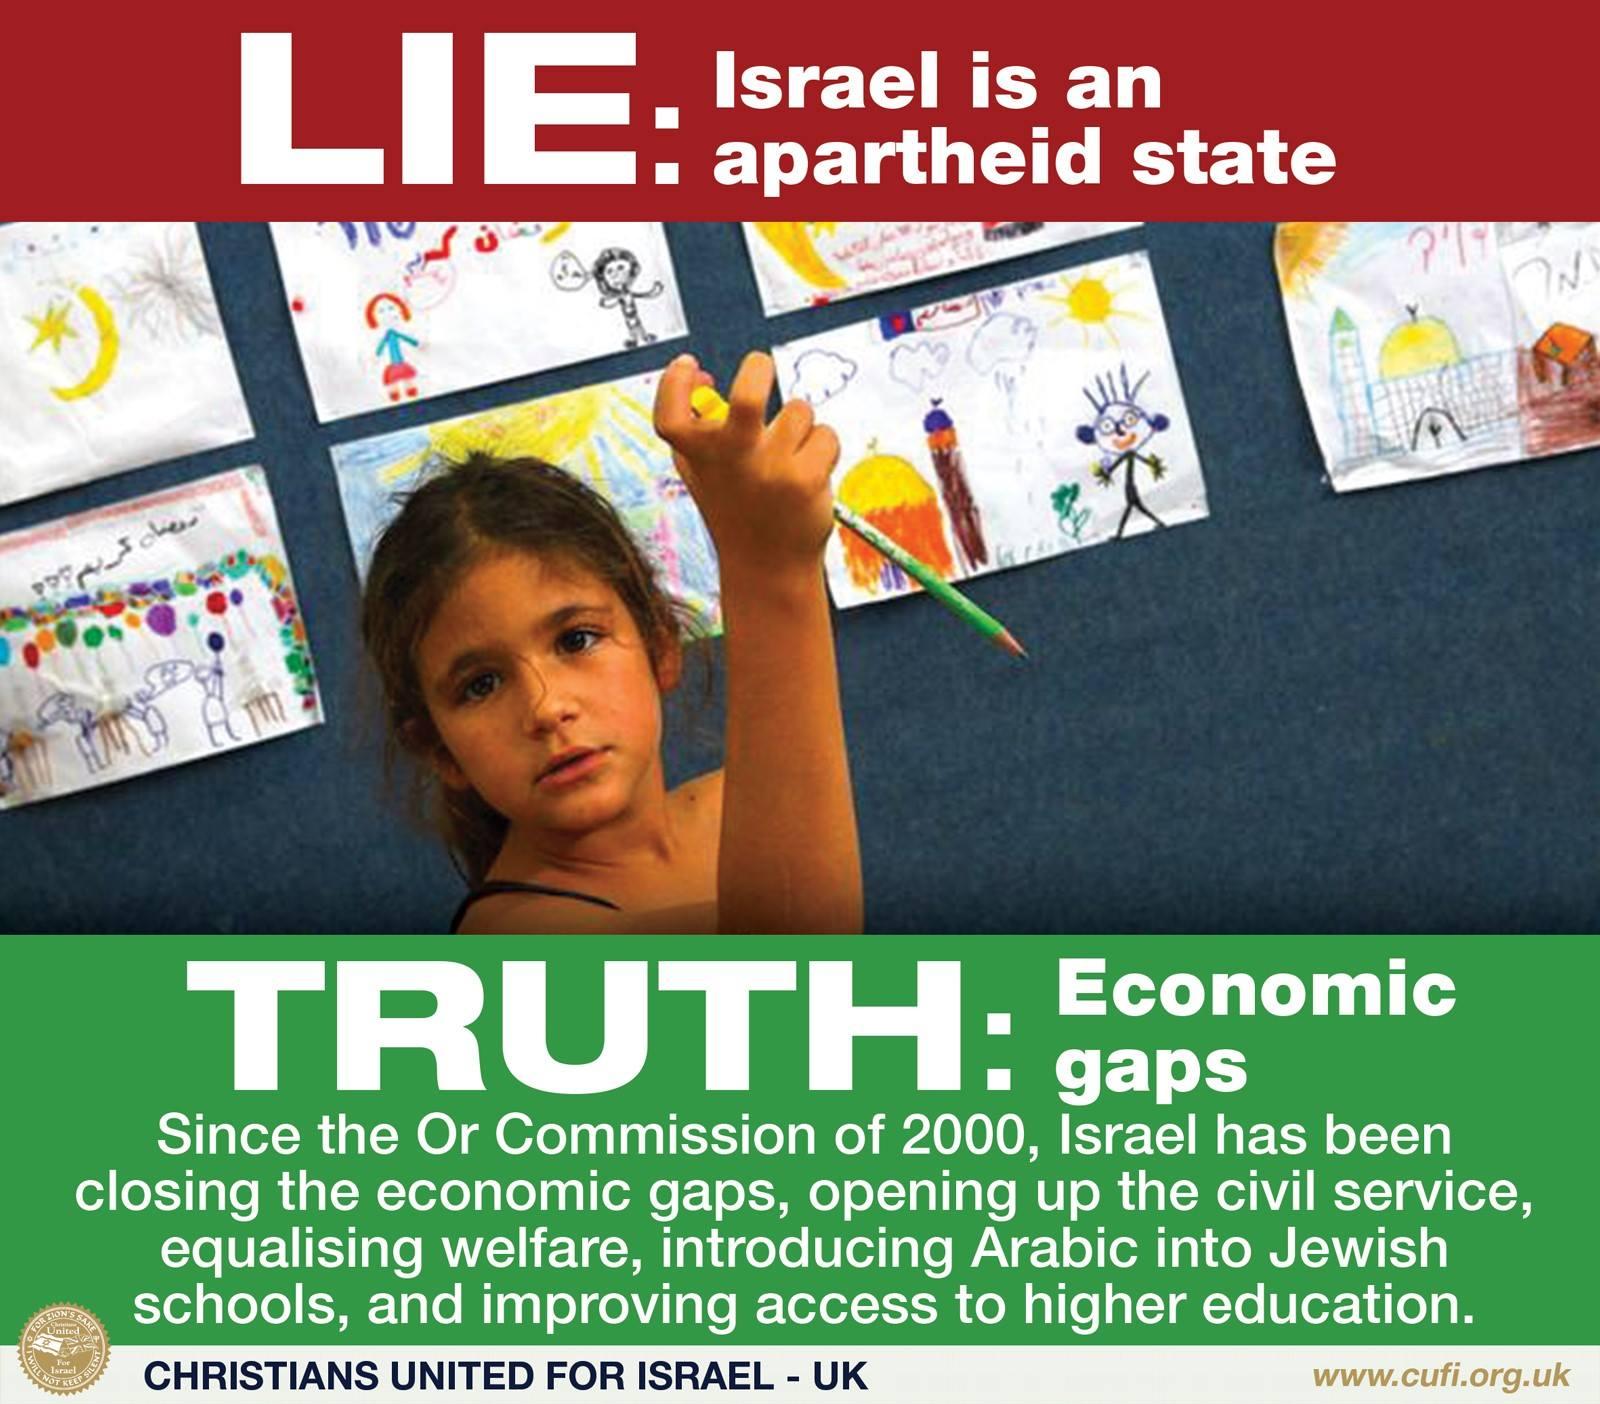 Israel is not apartheid 4